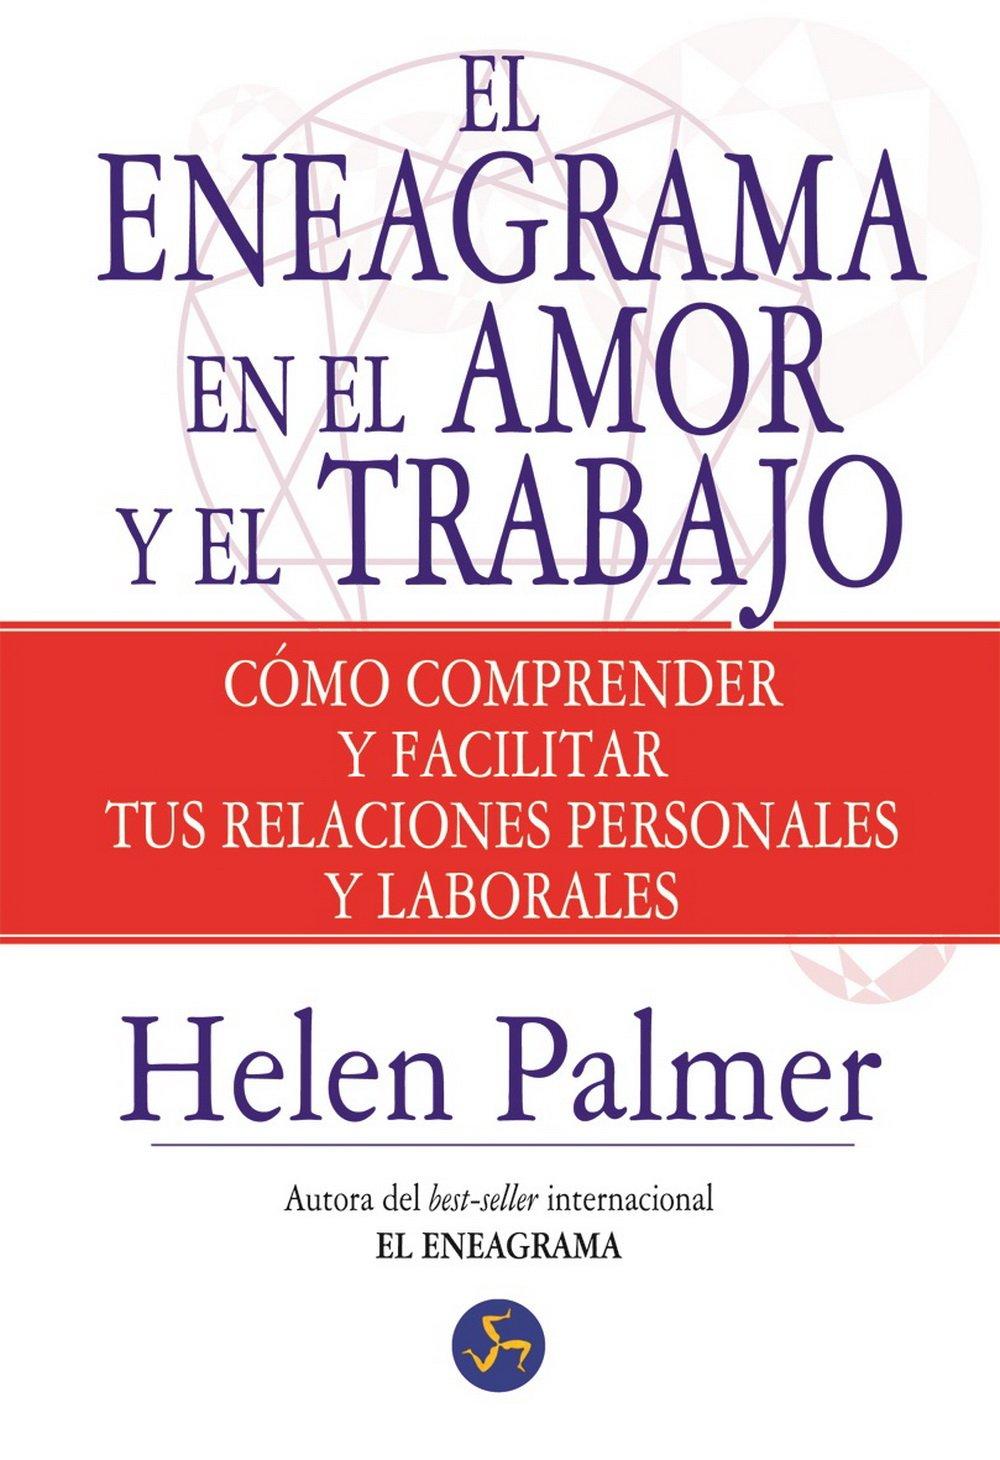 El Eneagrama En El Amor Y El Trabajo (Autoayuda): Amazon.es: Helen Palmer, Nora Steinbrun: Libros